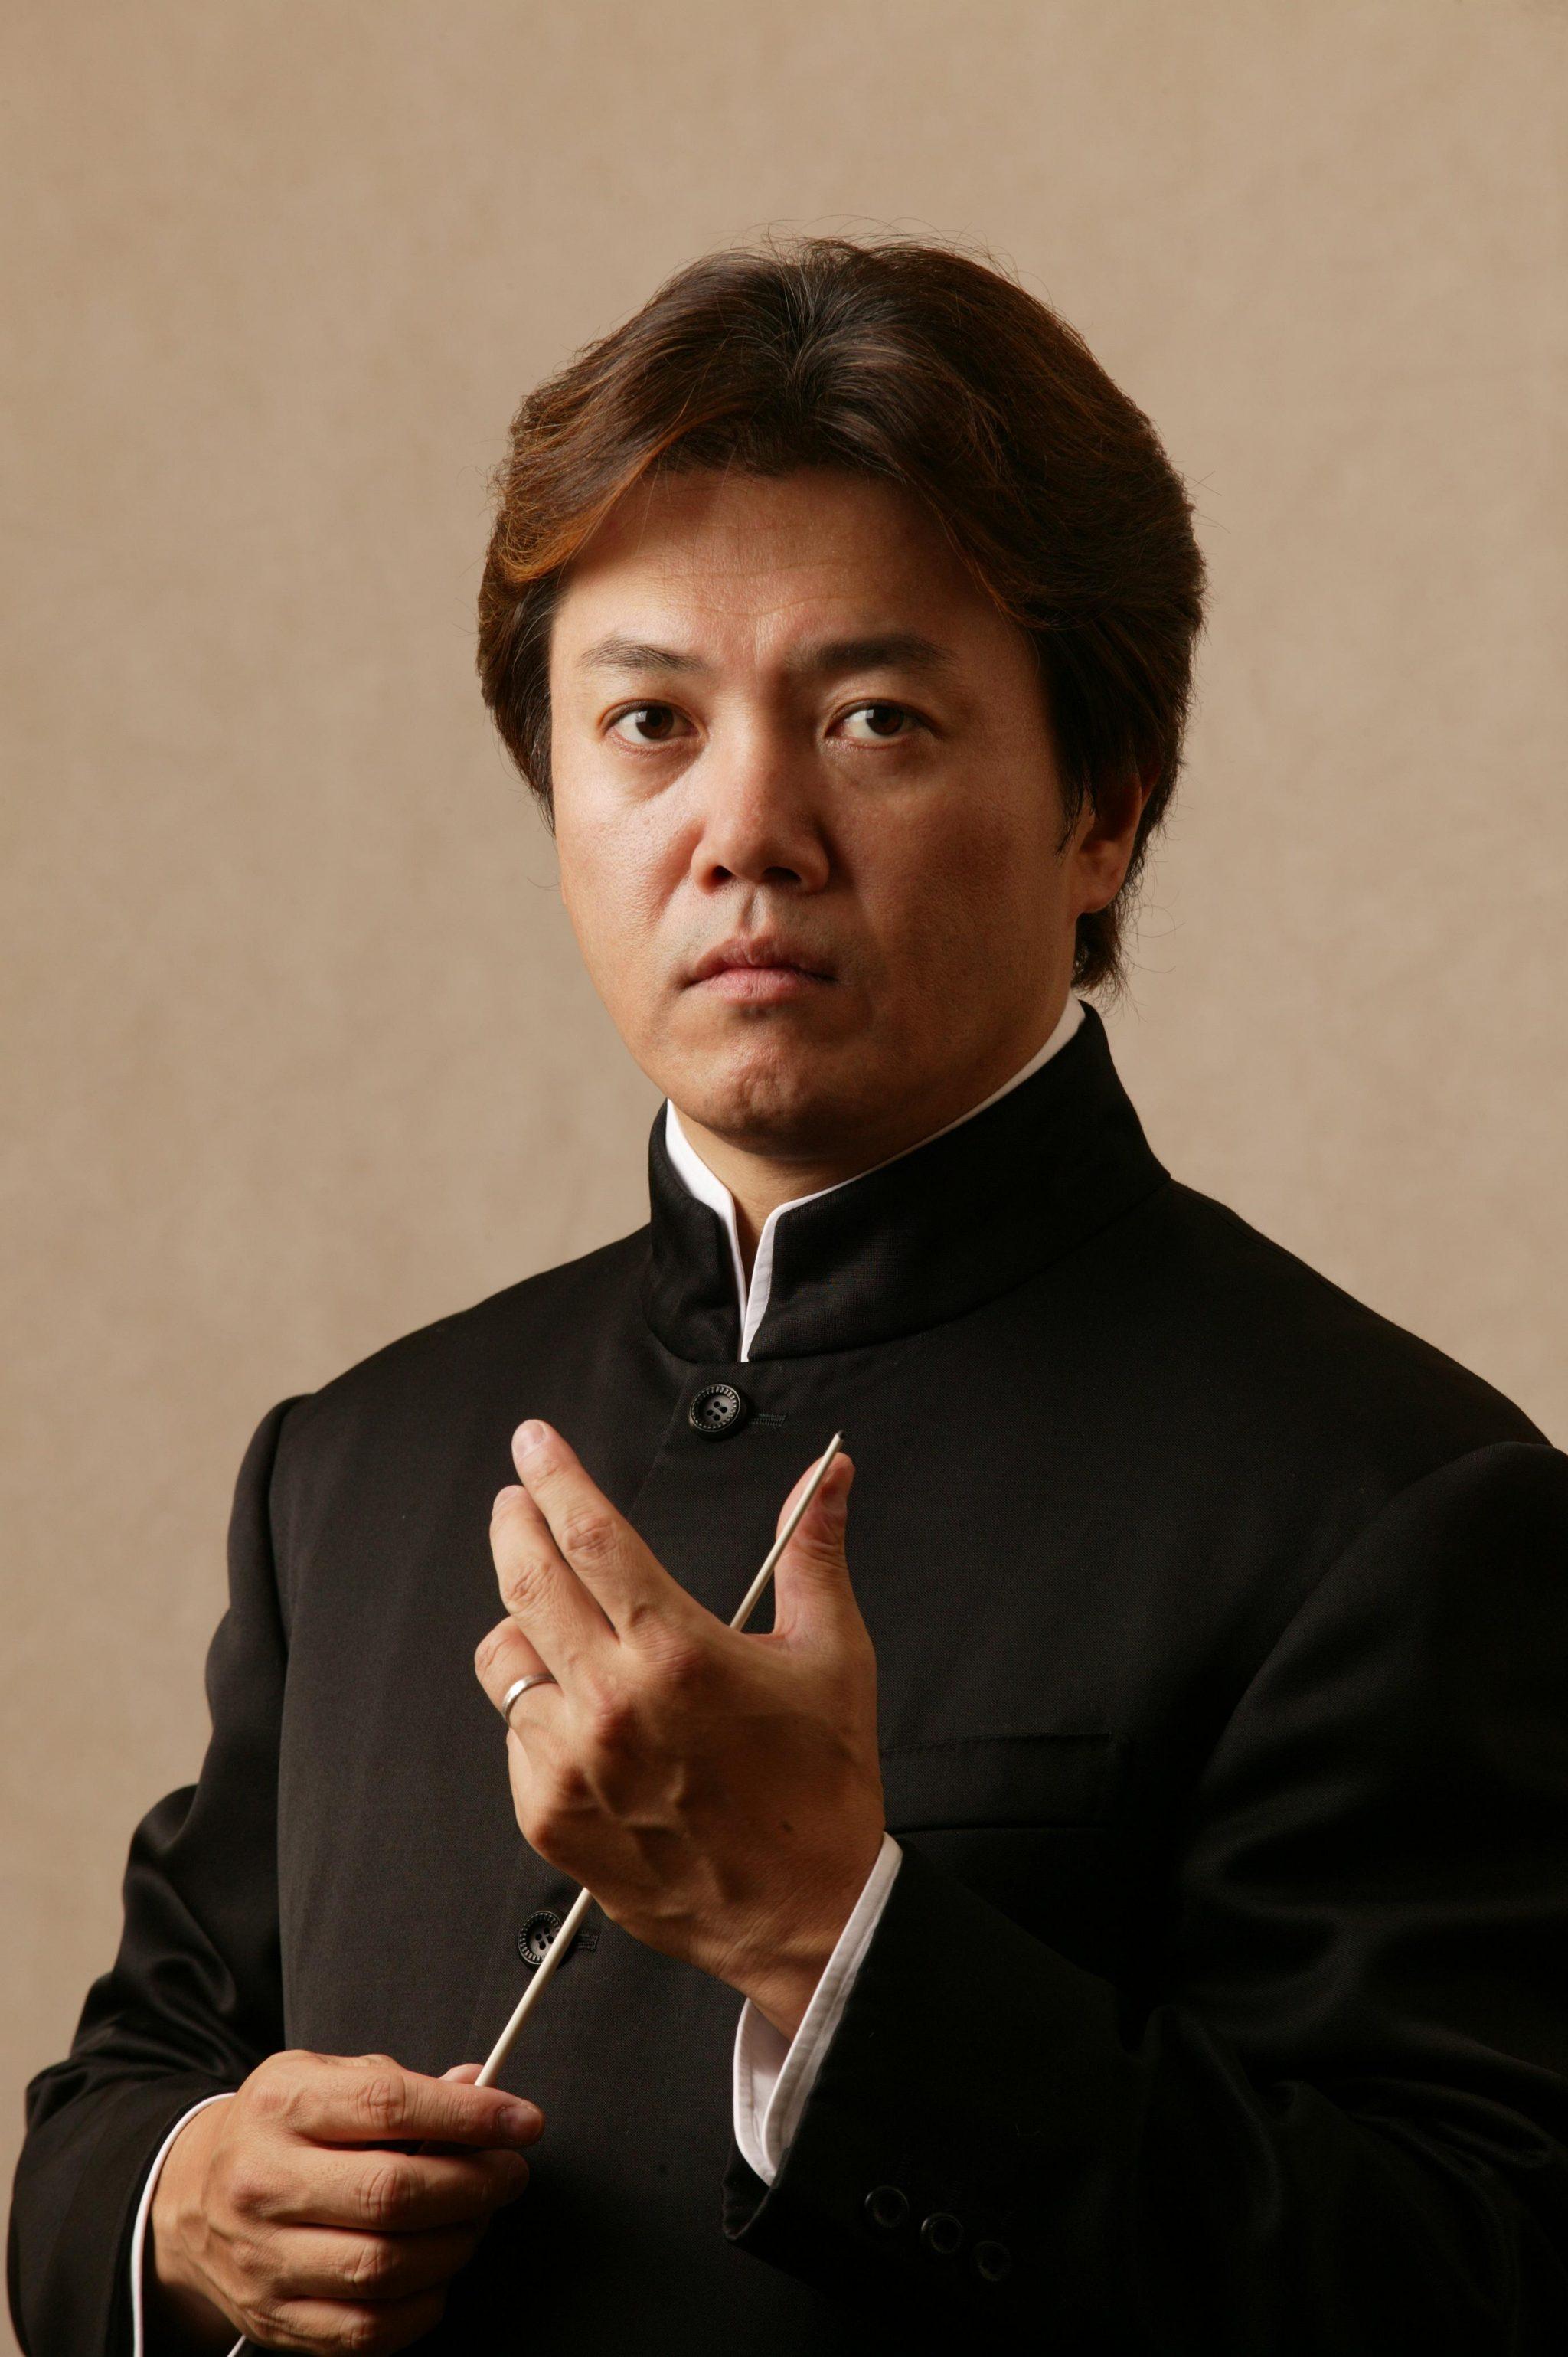 神奈川フィルハーモニー管弦楽団 定期演奏会県民ホールシリーズ第8回